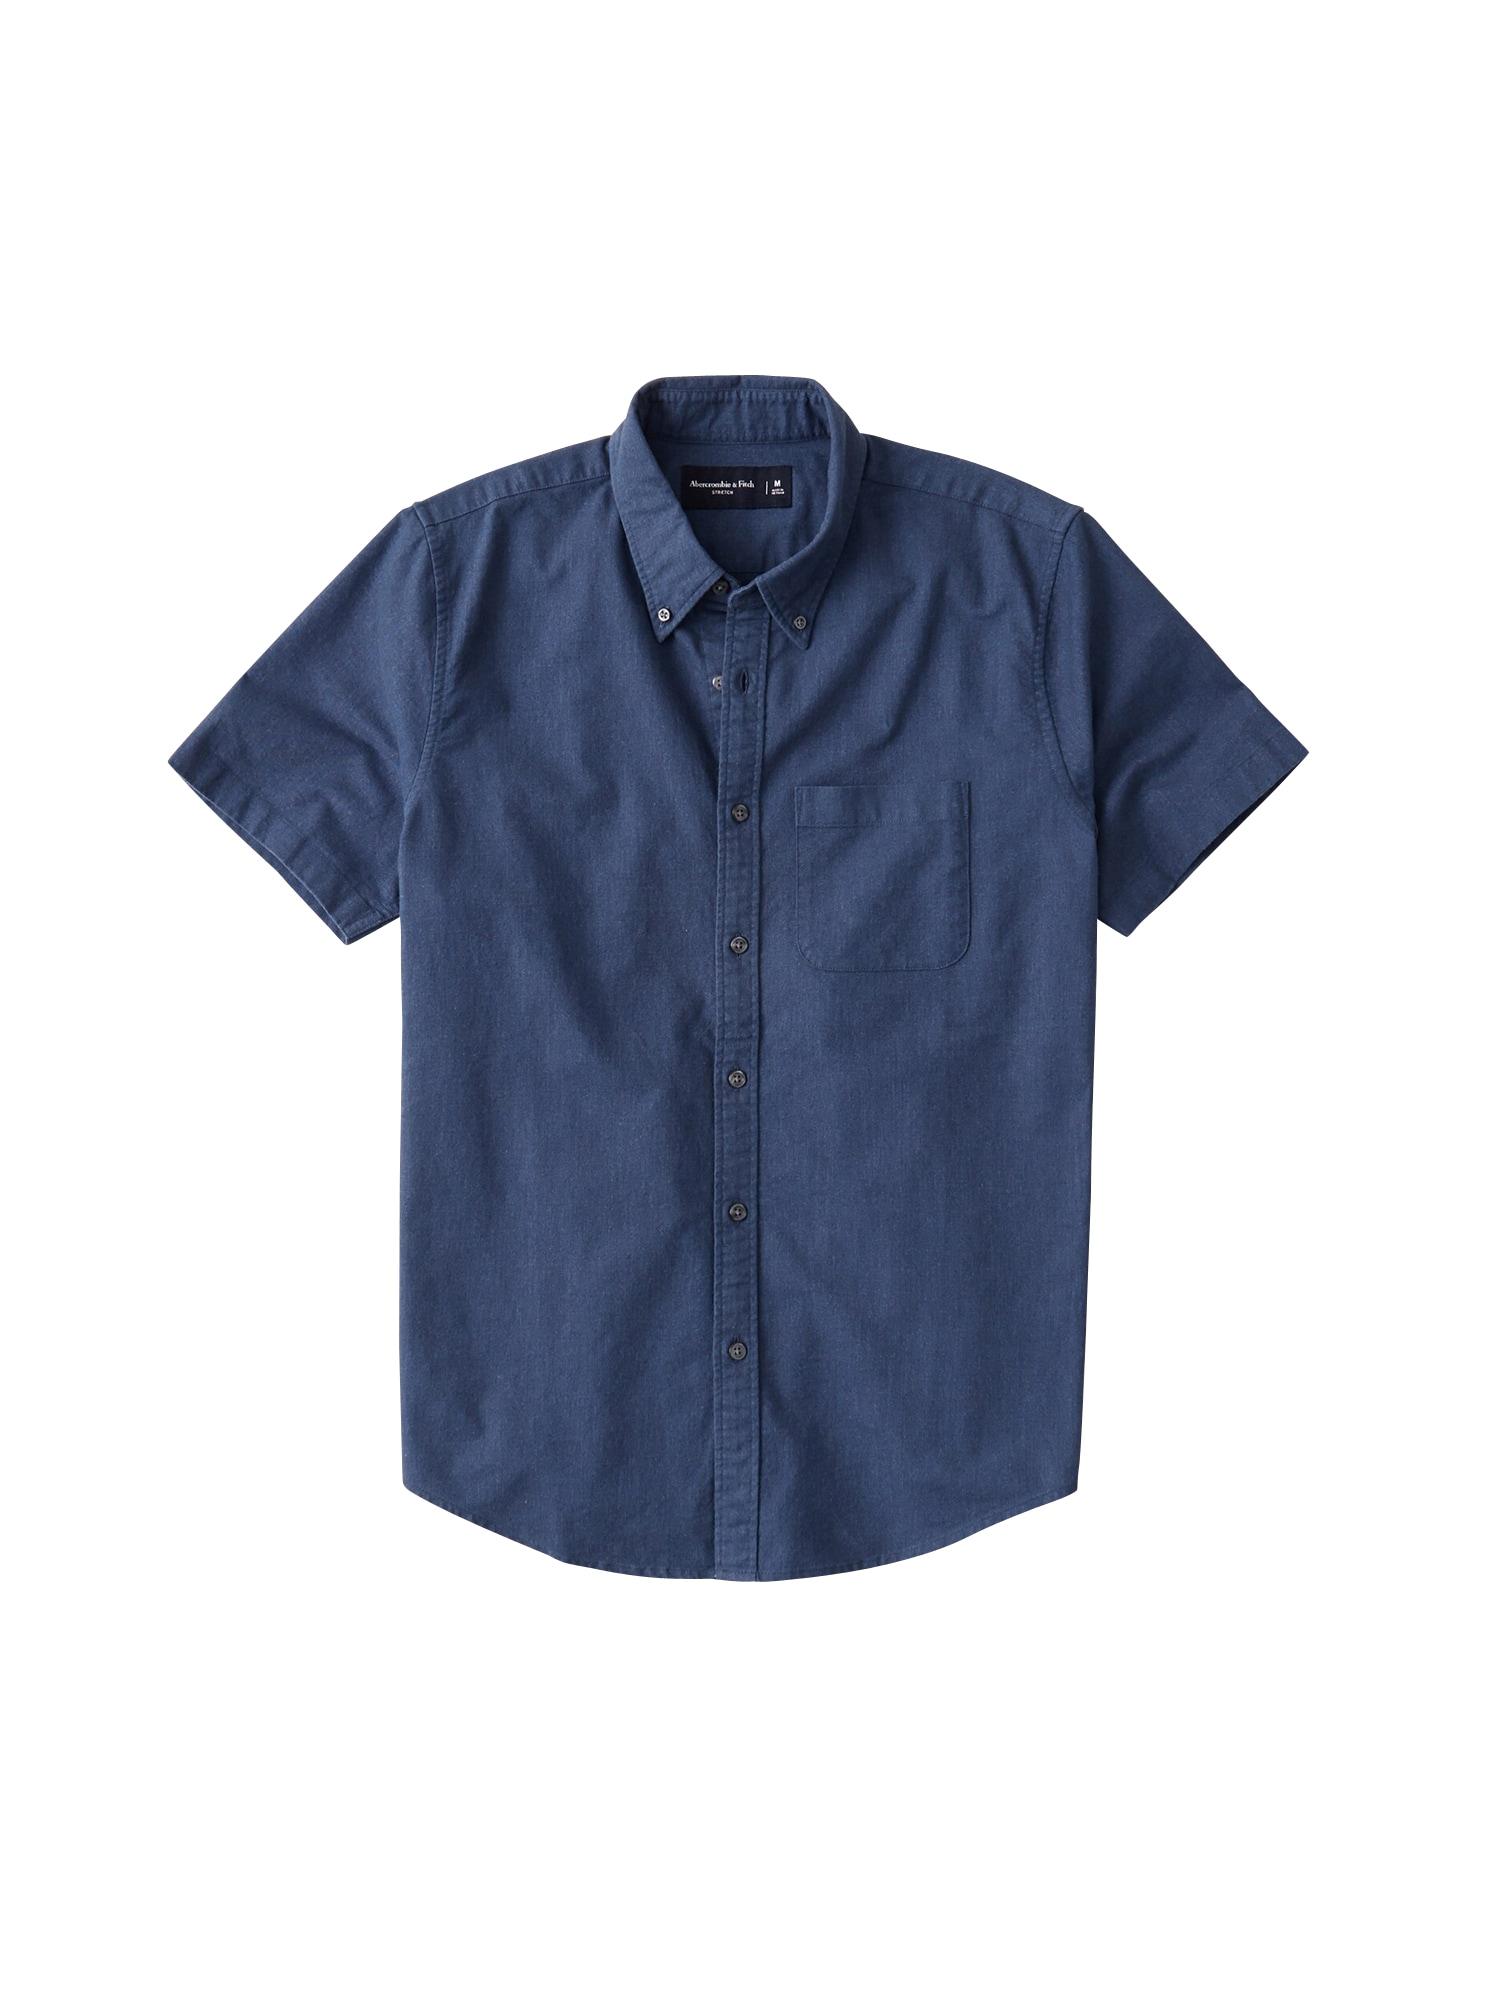 Abercrombie & Fitch Dalykiniai marškiniai tamsiai mėlyna